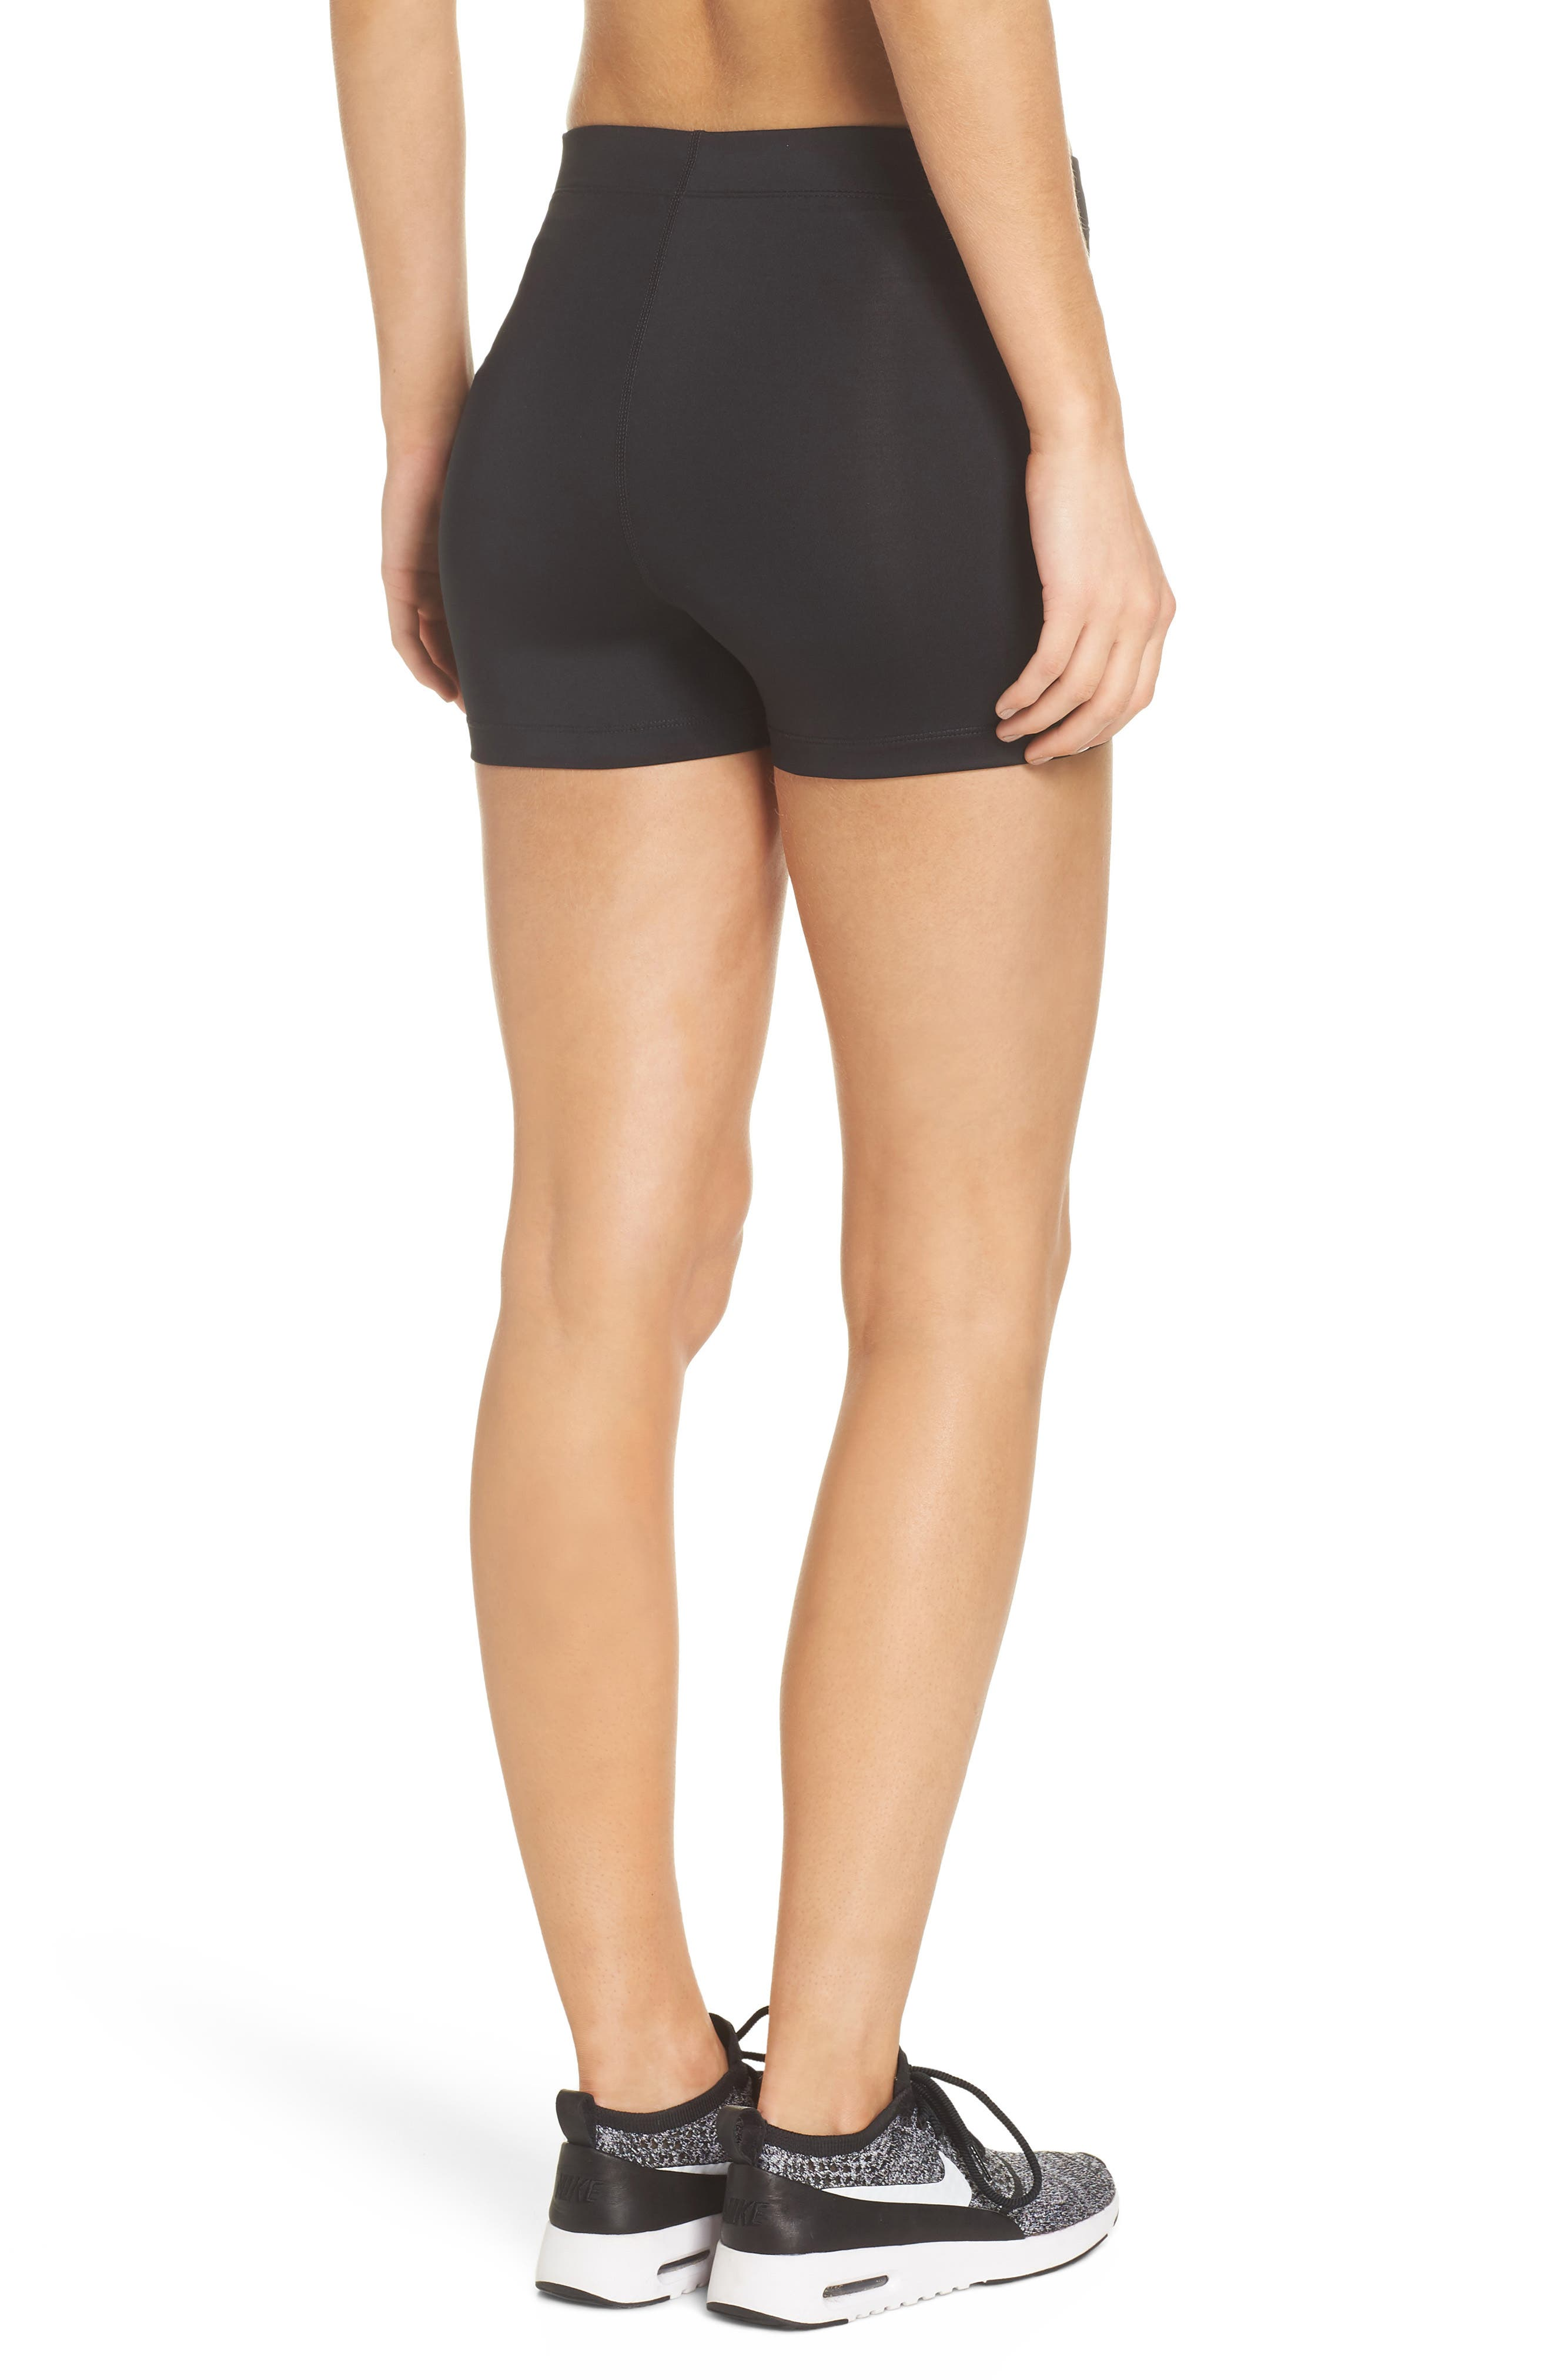 Pro Short Shorts,                             Alternate thumbnail 2, color,                             Black/ White